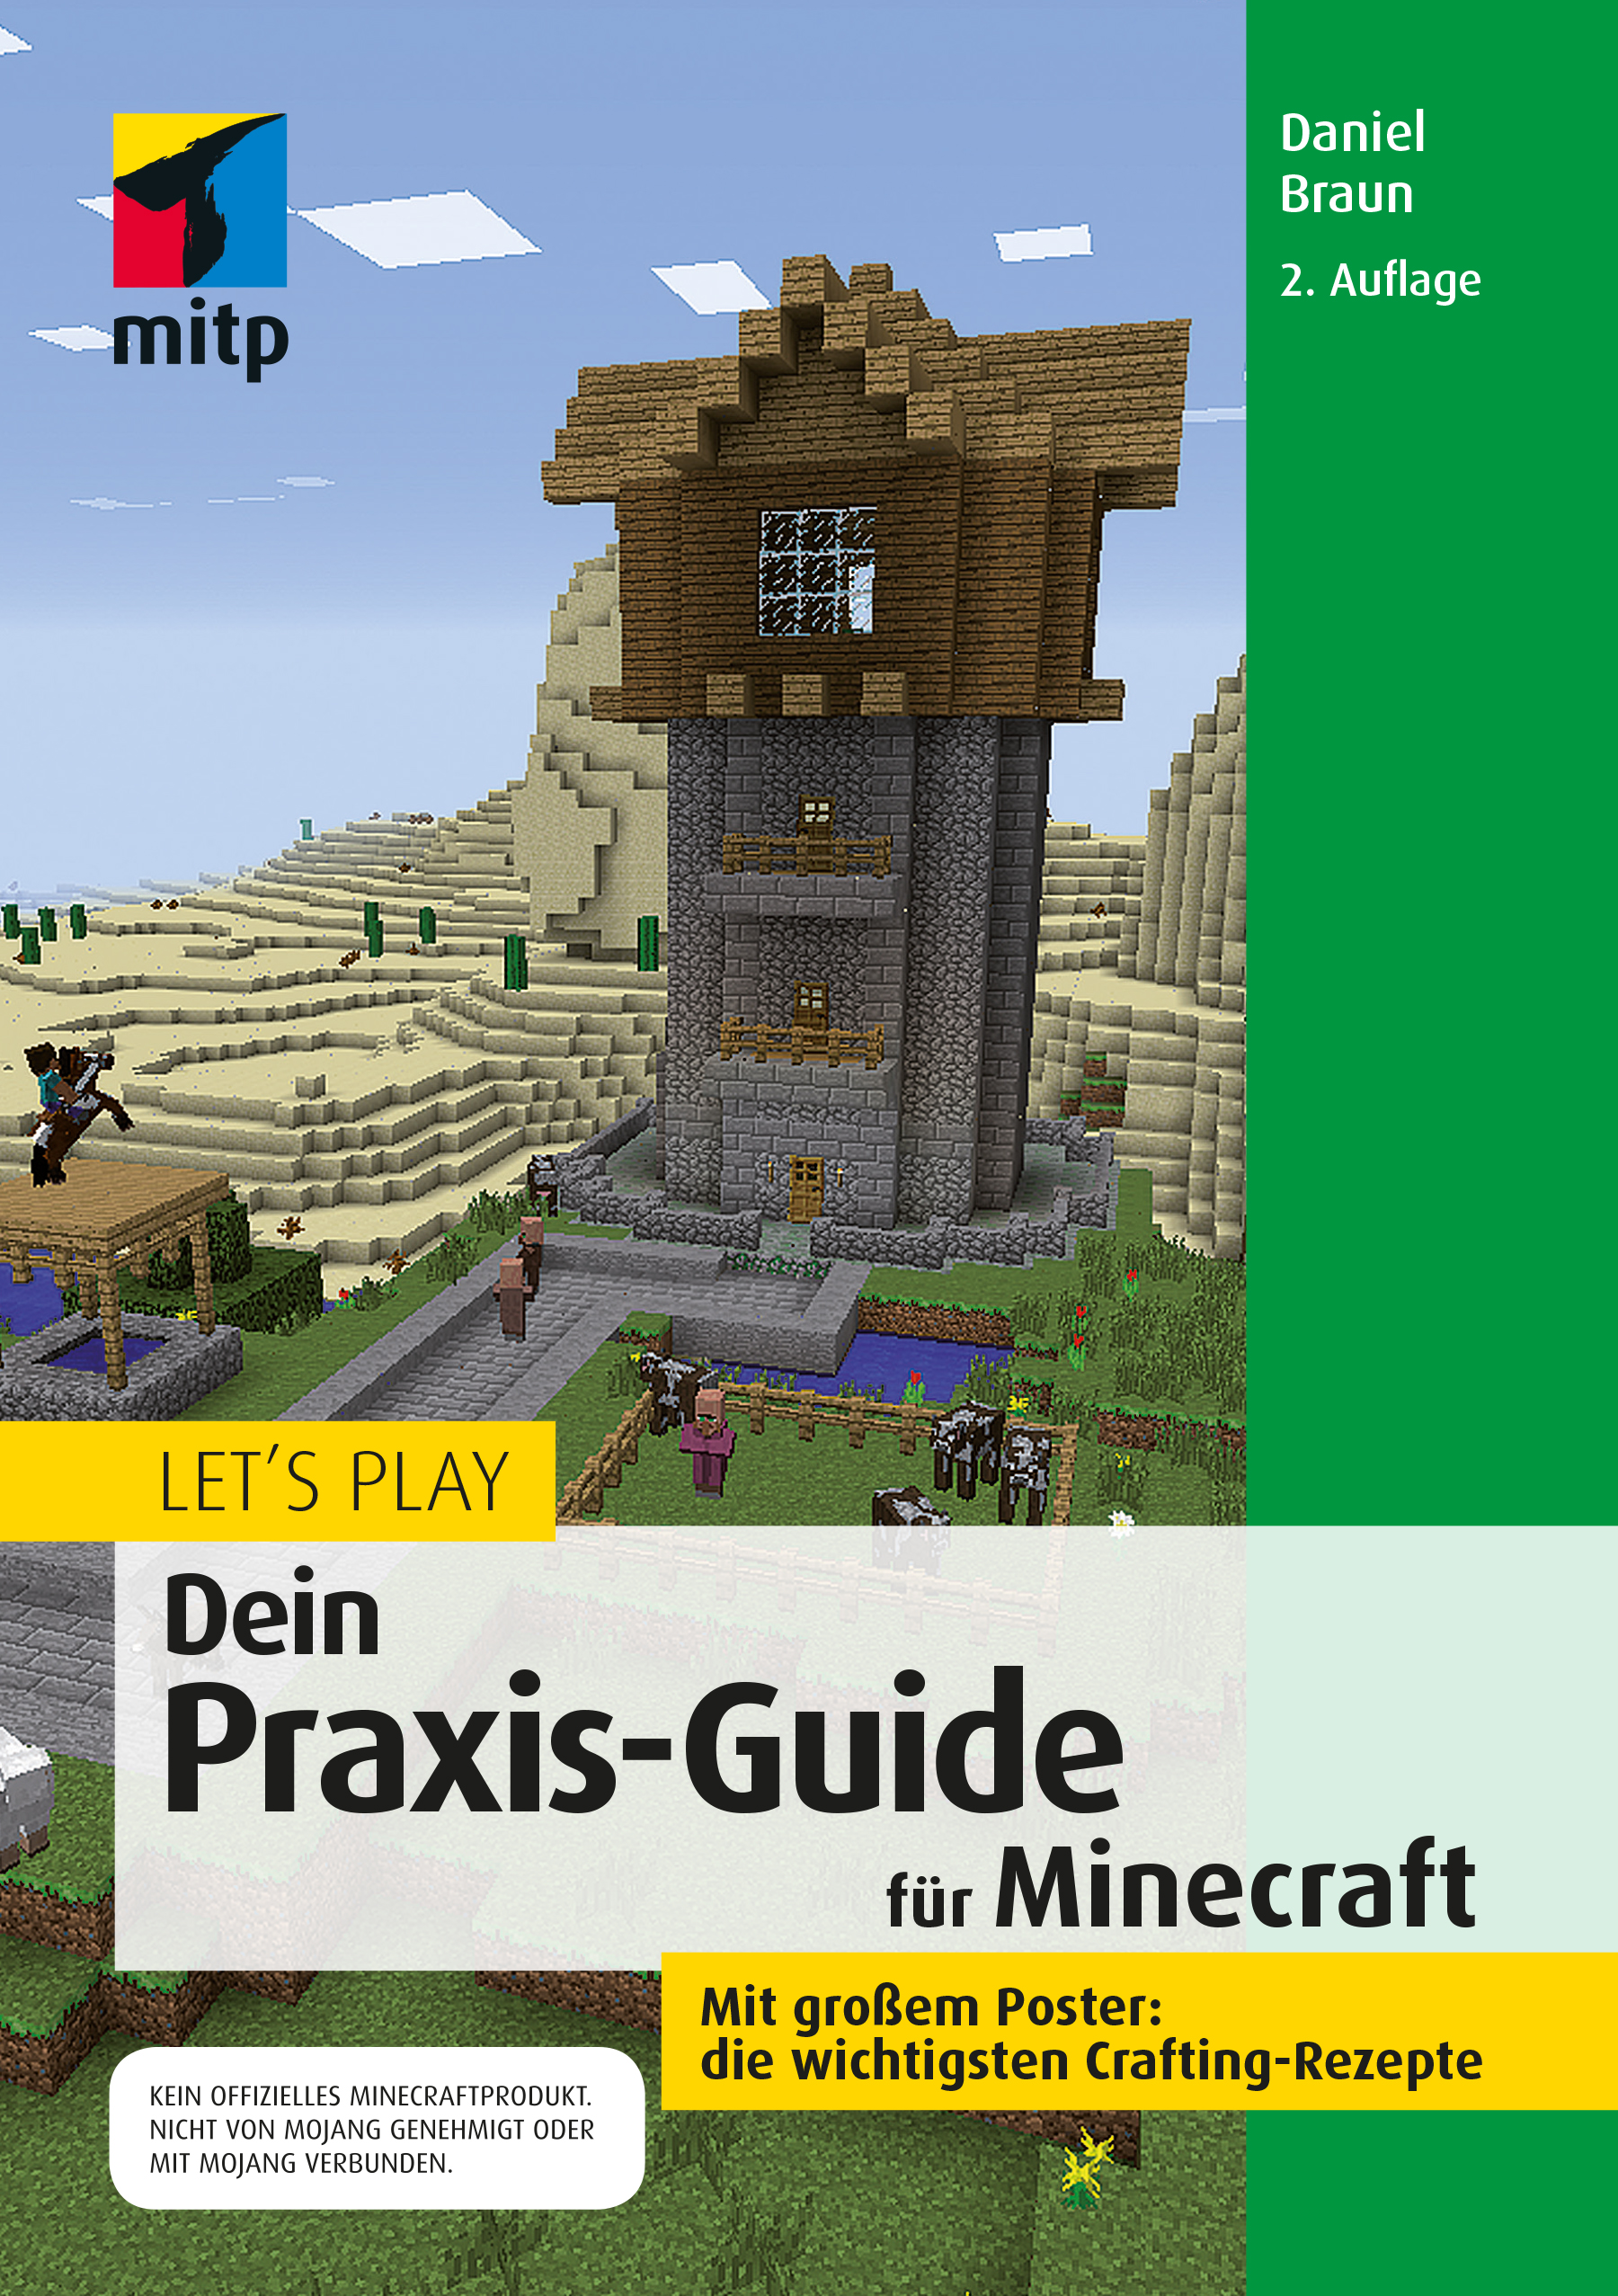 MitpVerlag Lets Play Dein PraxisGuide Für Minecraft Online - Minecraft haus unter wasser bauen